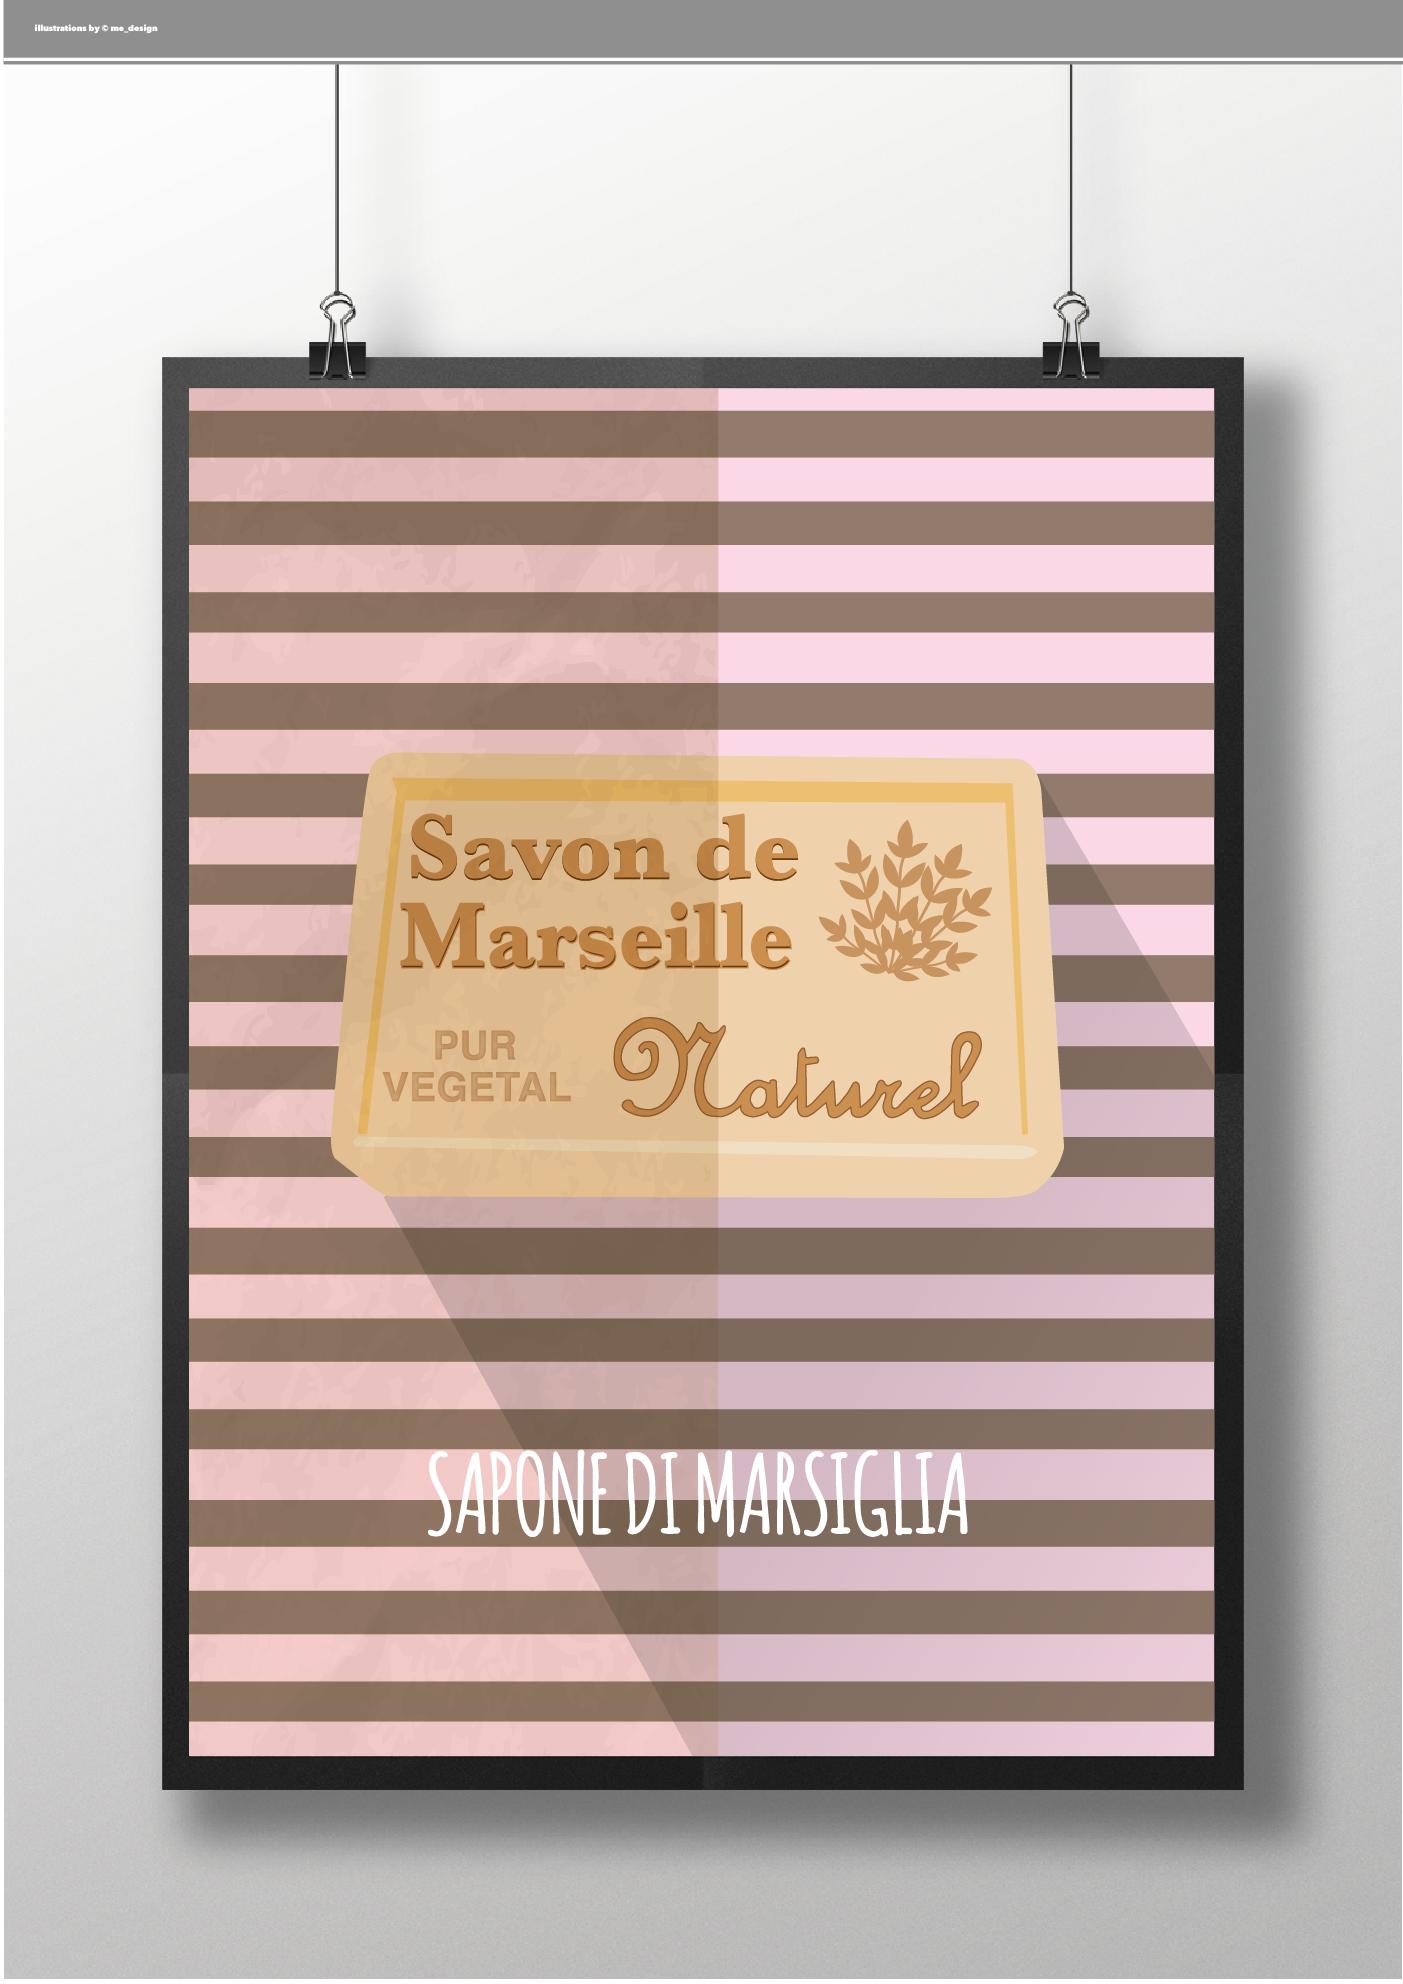 #Marsiglia Poster Collection - Sapone di Marsiglia | illustration by ME_DESIGN  INFO ercolino.milanese@gmail.com